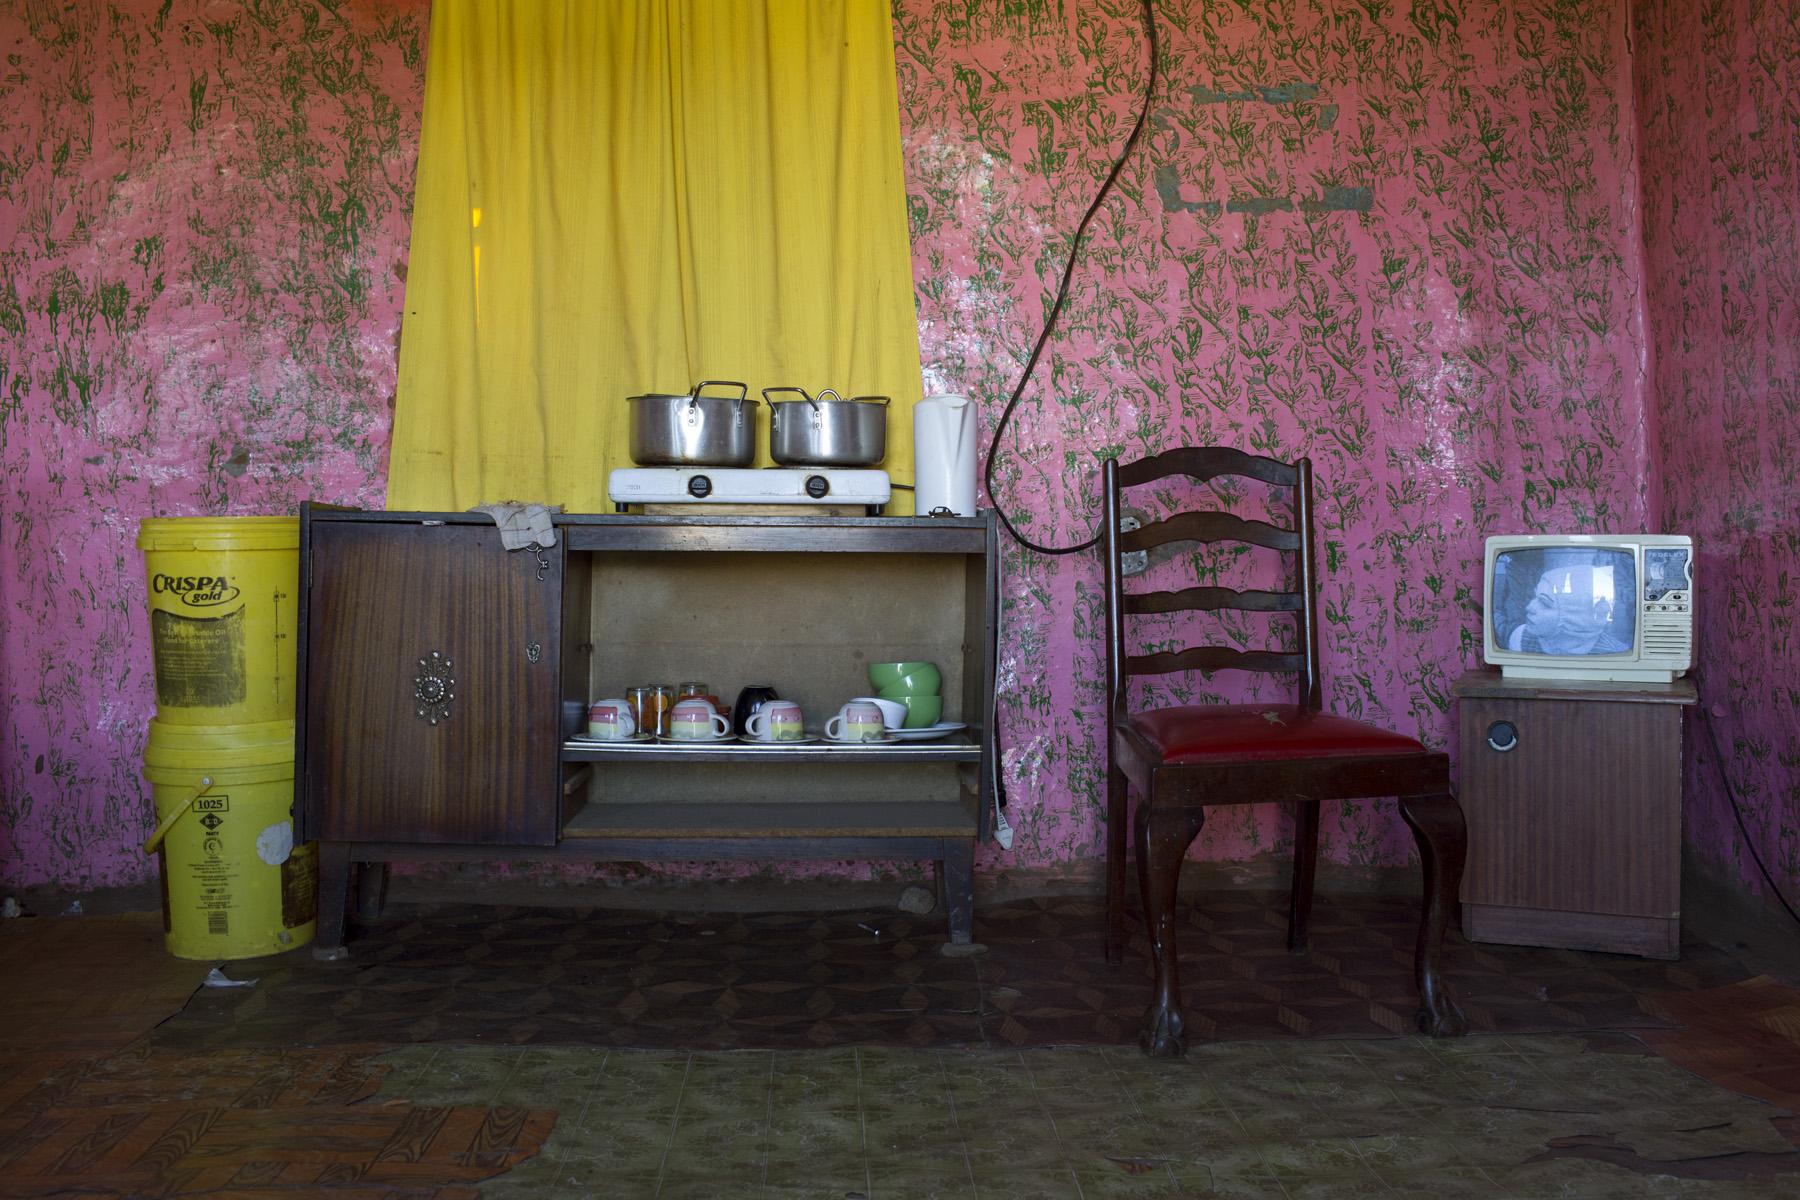 HotelRoom#10-(c)JoVoets.jpg